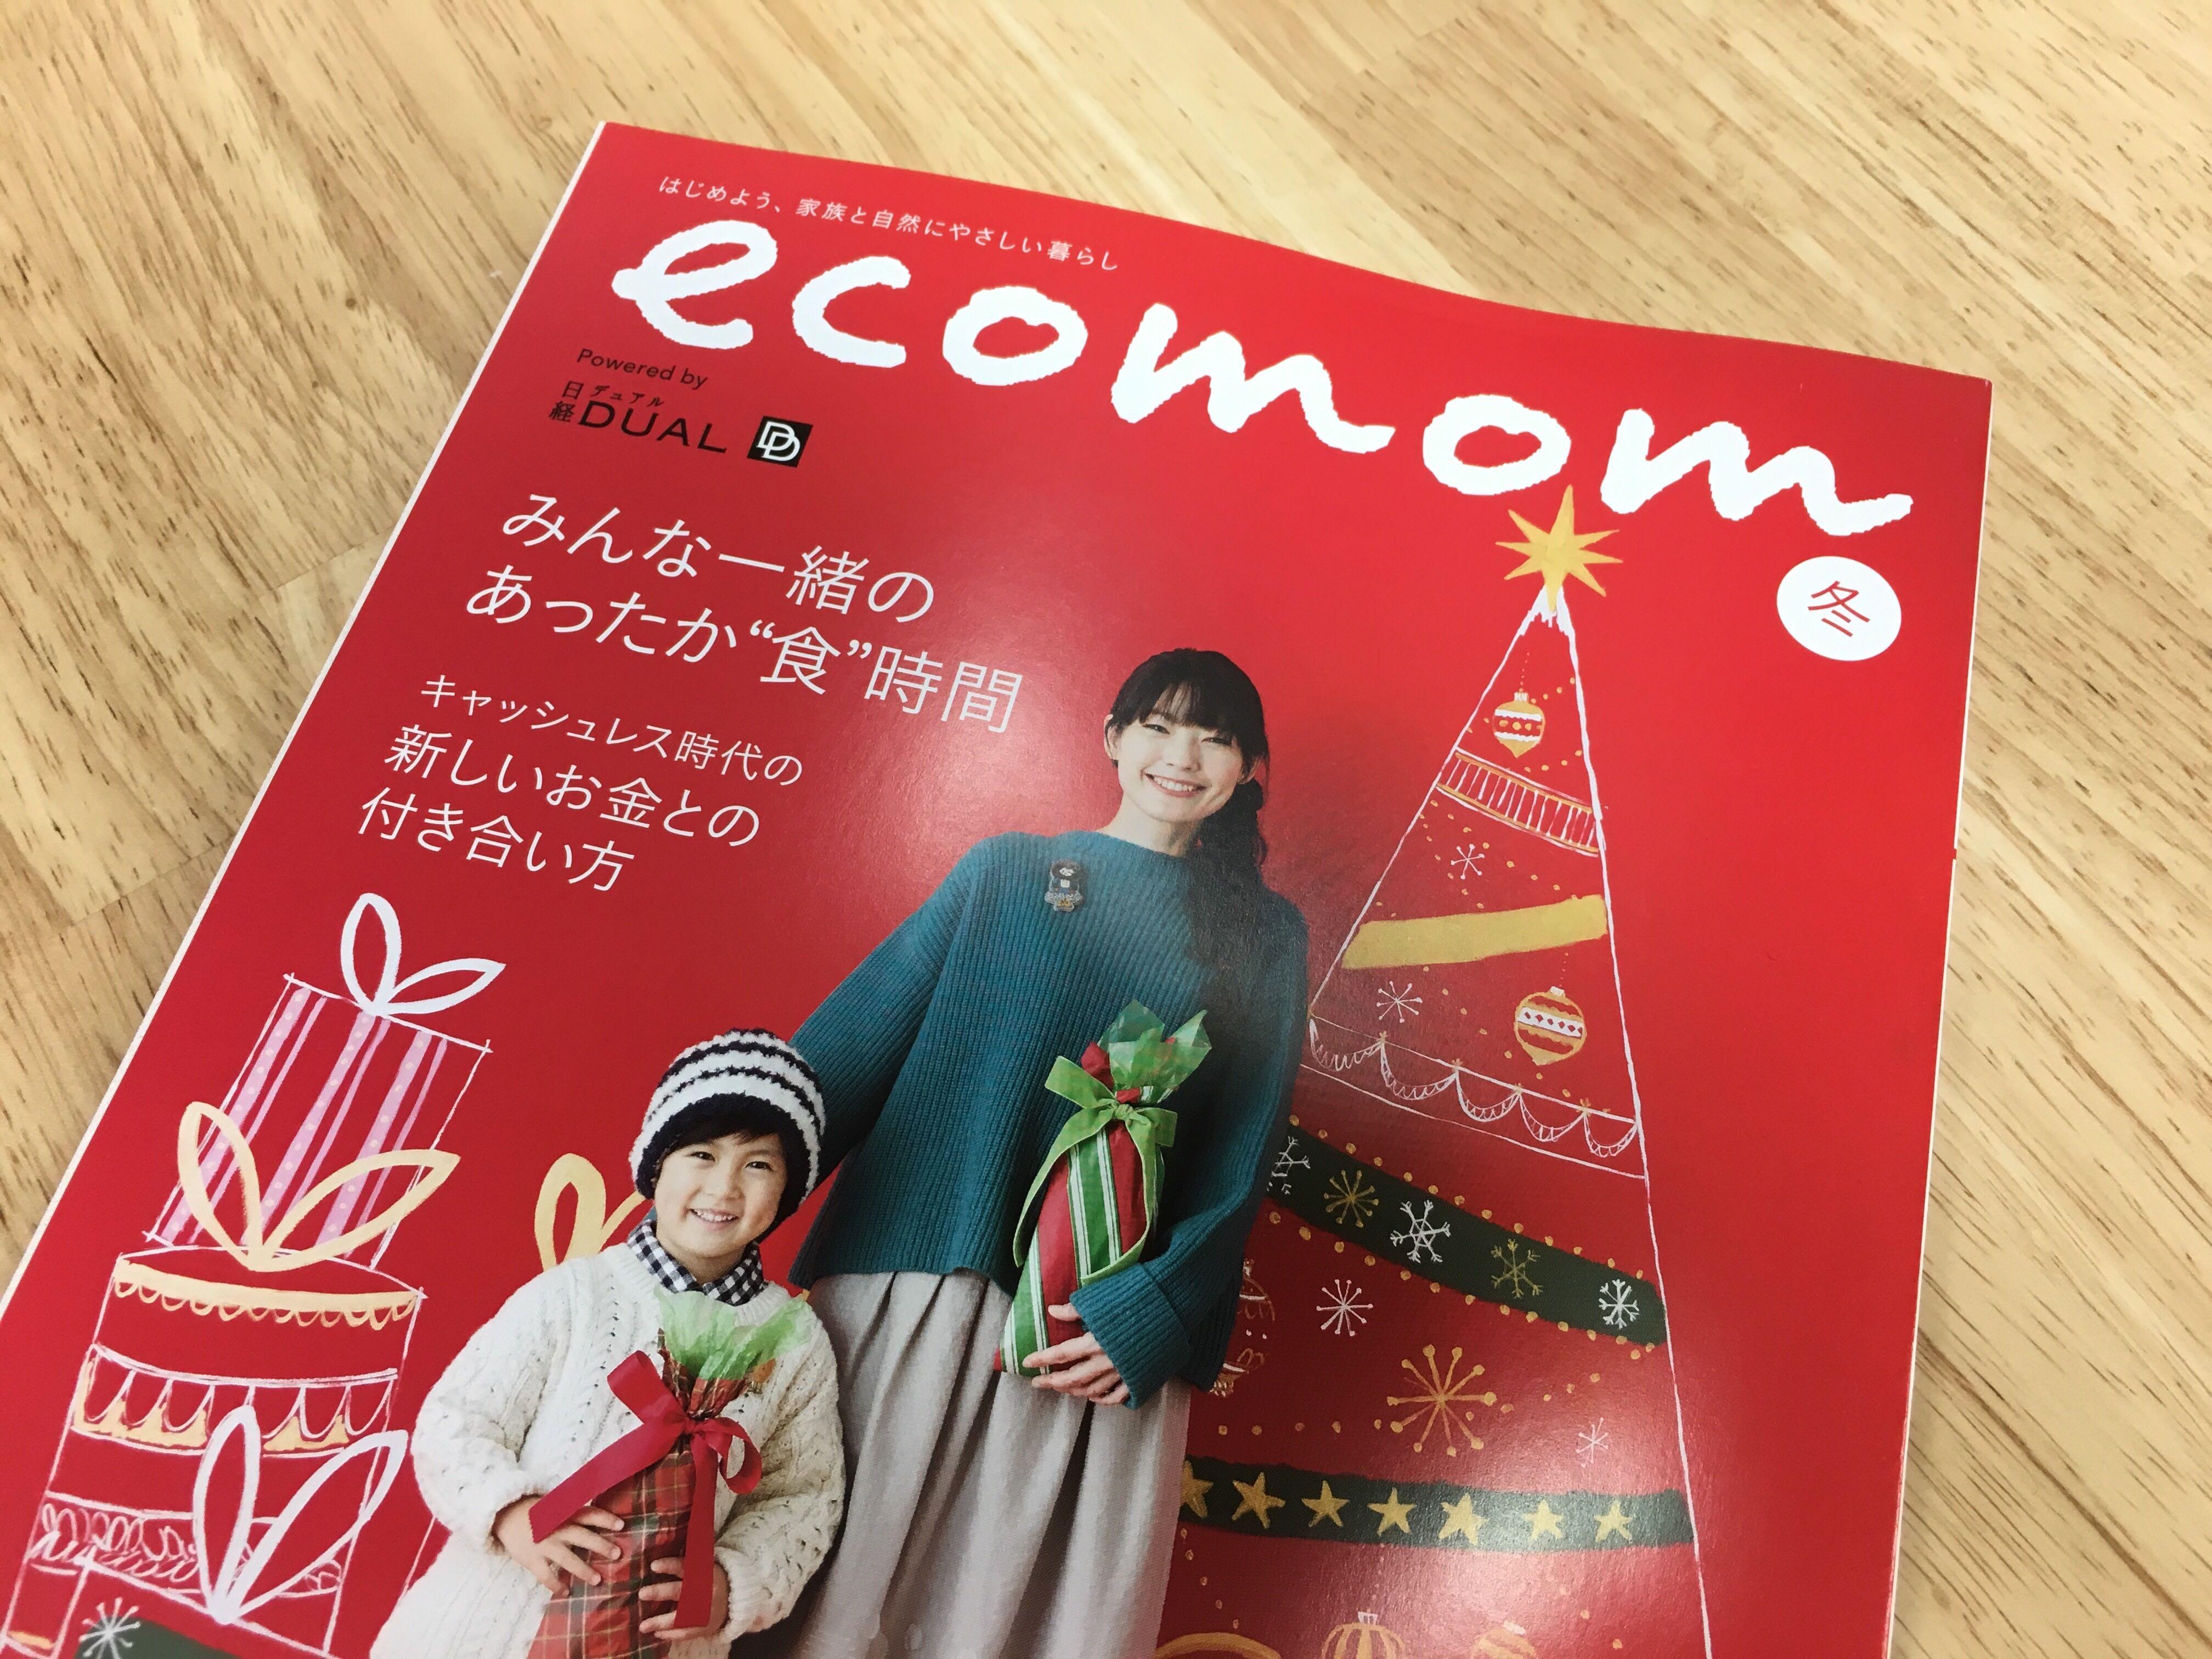 日経 DUAL 別冊「ecomom」に家計簿 Zaim が紹介